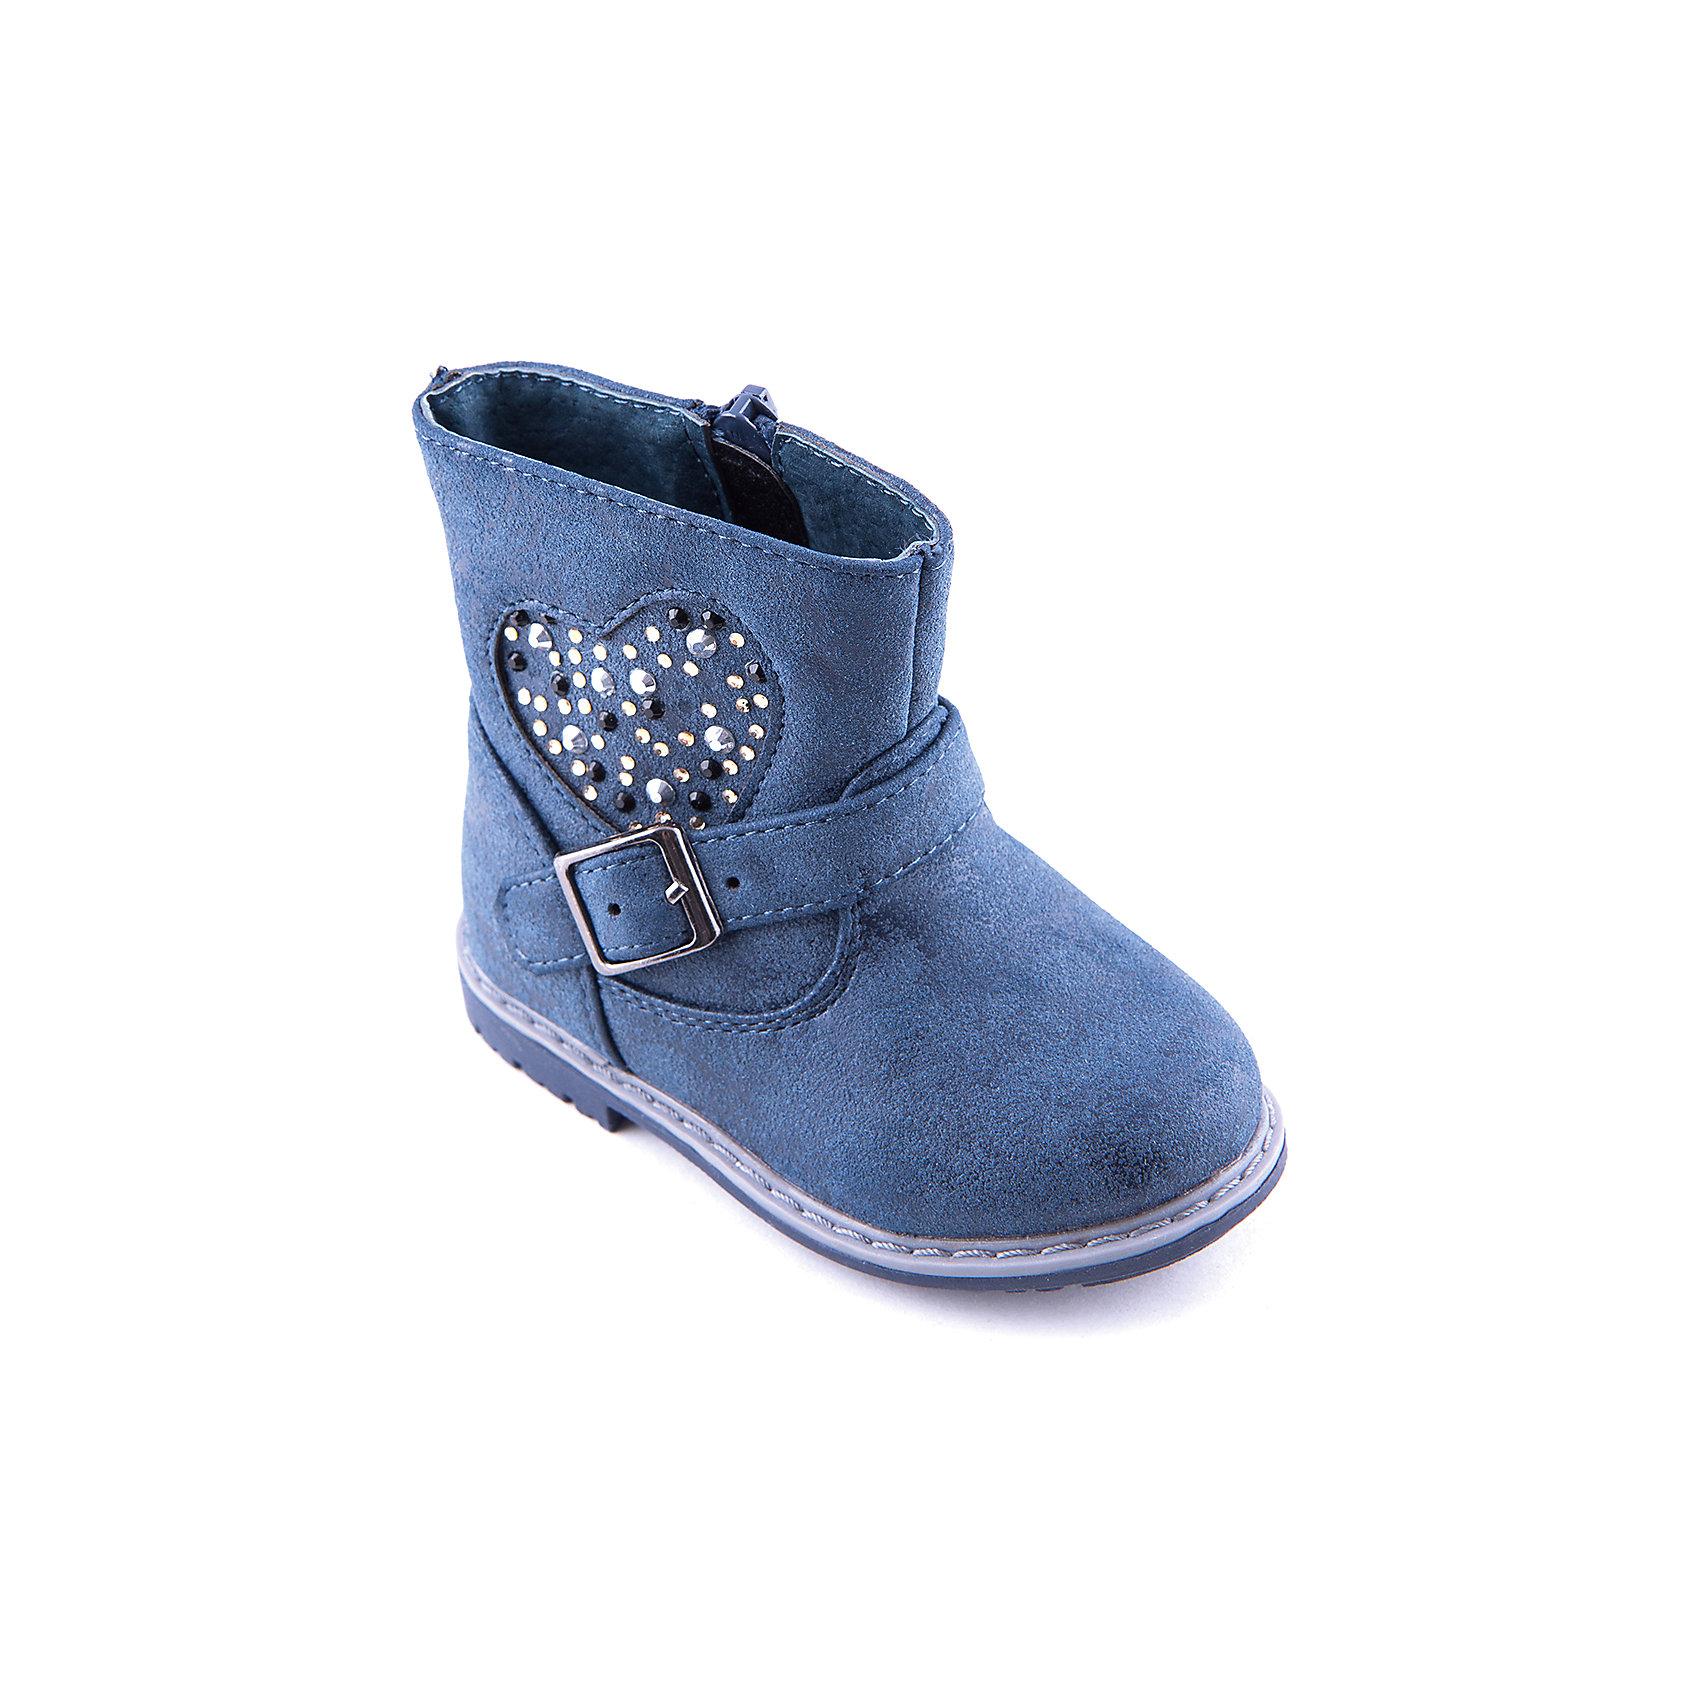 Полусапоги для девочки Indigo kidsПолусапоги для девочки от популярной марки Indigo kids.<br>Удобные синие полусапоги смотрятся очень стильно – они украшены стильной пряжкой и стразами. Они закрывают голеностоп и отлично защищают ноги от грязи и прохладного воздуха.<br>Их отличительные особенности:<br>- модный дизайн;<br>- комфортная колодка;<br>- устойчивая подошва;<br>- удобная молния сбоку;<br>- качественная подкладка из байки.<br>Дополнительная информация:<br>- Сезон: демисезонные.<br>- Состав:<br>материал верха: искусственная кожа<br>материал подкладки: байка<br>подошва: ТЭП.<br>Полусапоги для девочки Indigo kids (Индиго кидс) можно купить в нашем магазине.<br><br>Ширина мм: 257<br>Глубина мм: 180<br>Высота мм: 130<br>Вес г: 420<br>Цвет: синий<br>Возраст от месяцев: 12<br>Возраст до месяцев: 15<br>Пол: Женский<br>Возраст: Детский<br>Размер: 25,21,20,22,23,24<br>SKU: 4225941